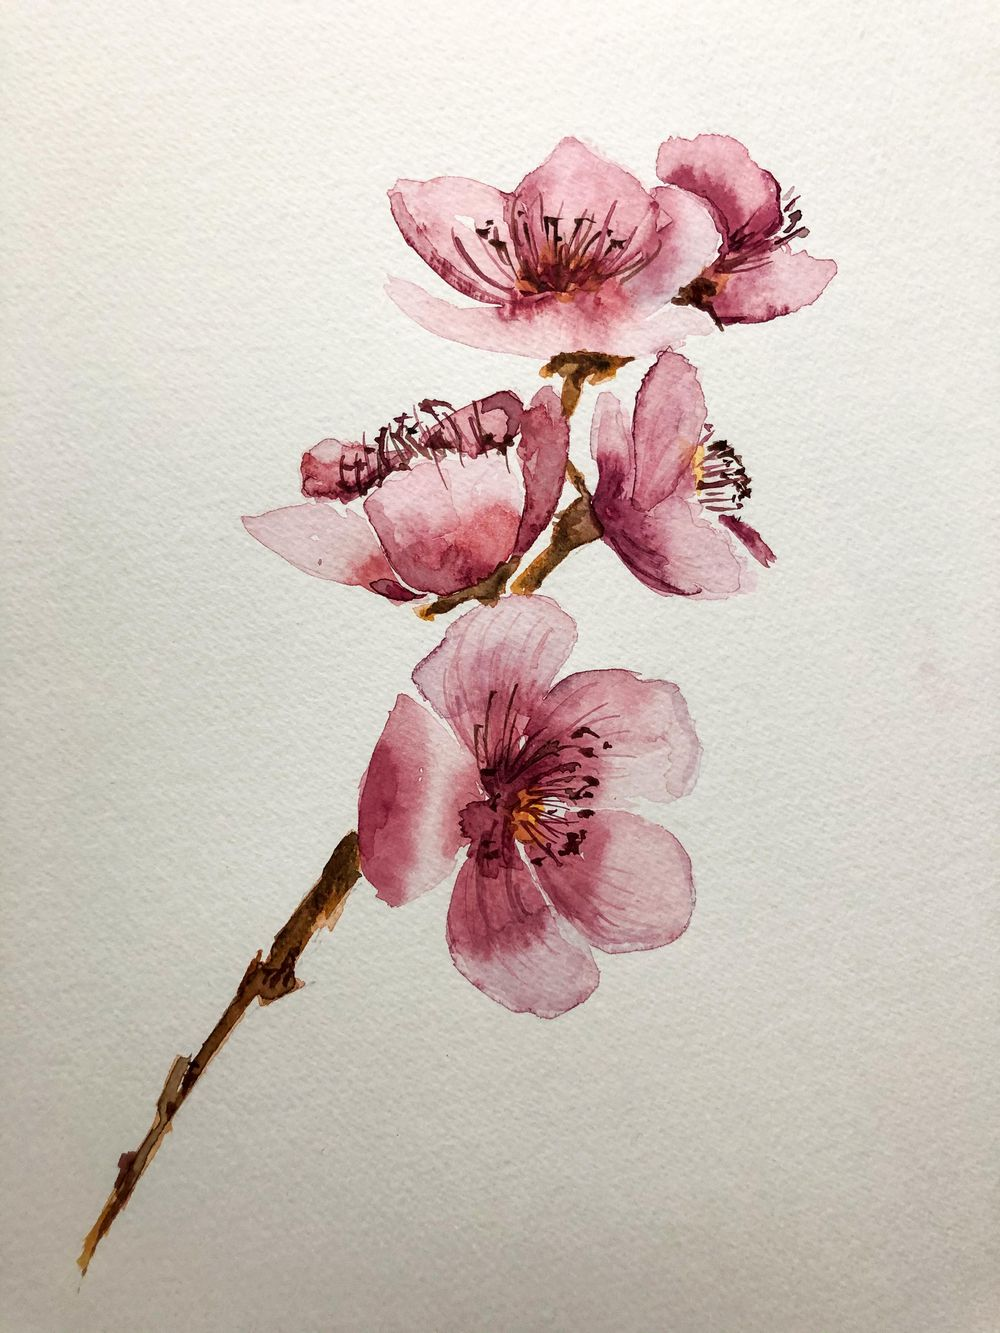 Fleurs de cerisiers - image 1 - student project